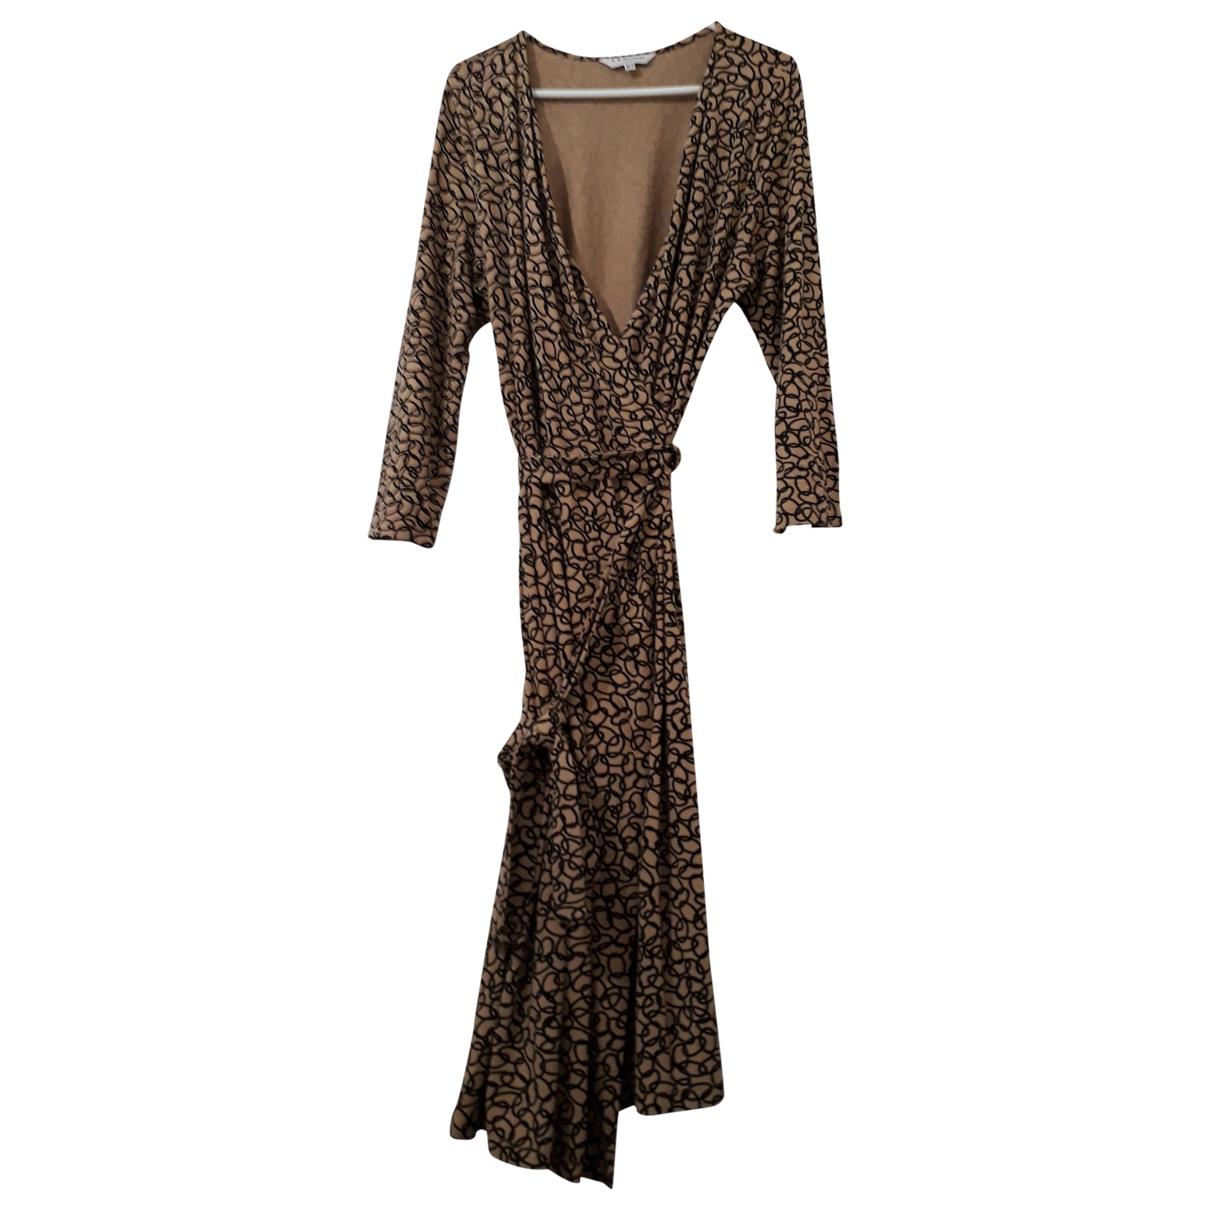 Lk Bennett \N Kleid in  Beige Viskose